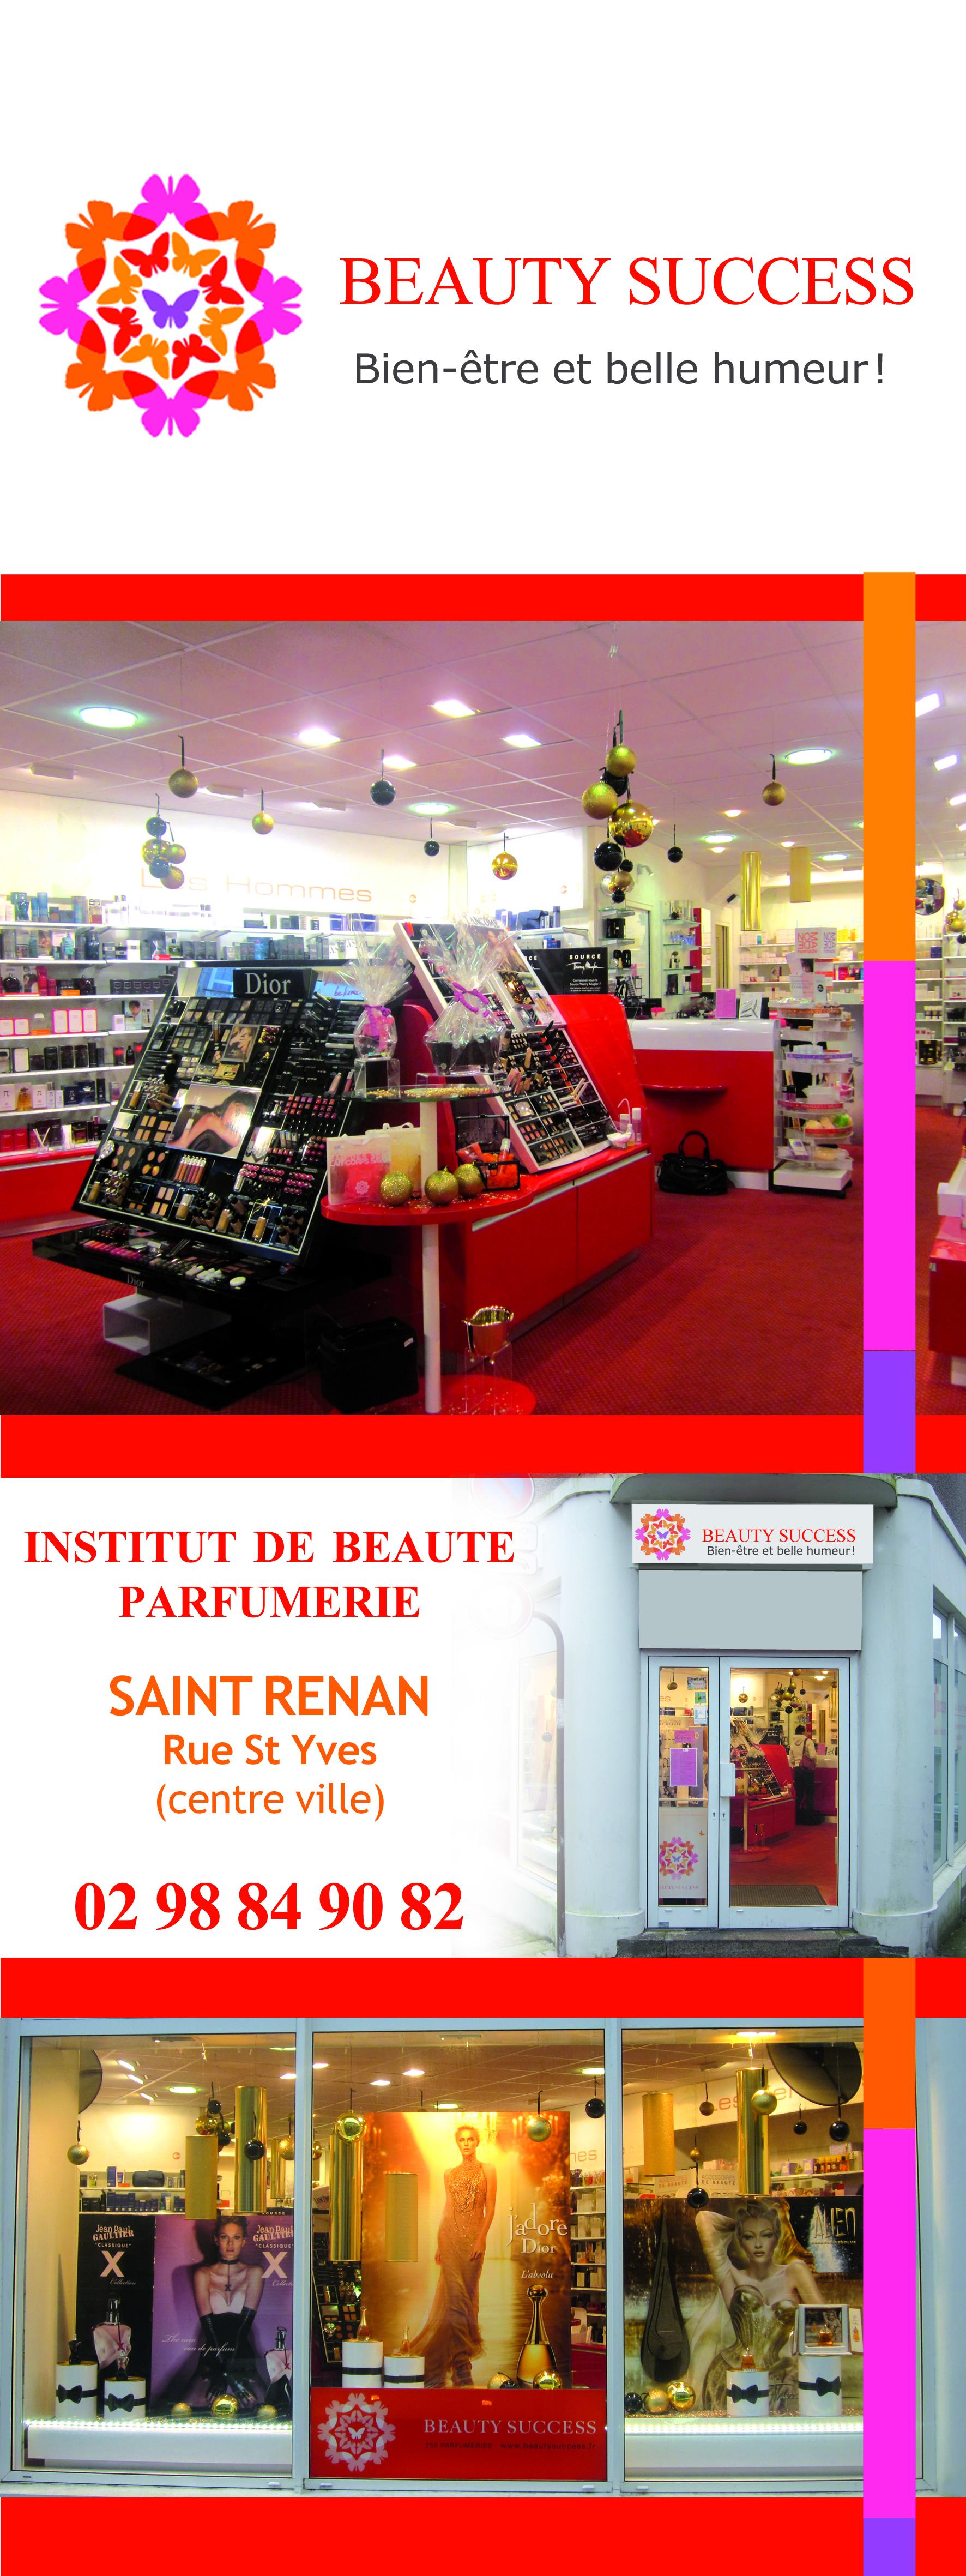 pagevanesa ris auteur sur saint renan communication et site web papillon 02 90 91 19. Black Bedroom Furniture Sets. Home Design Ideas